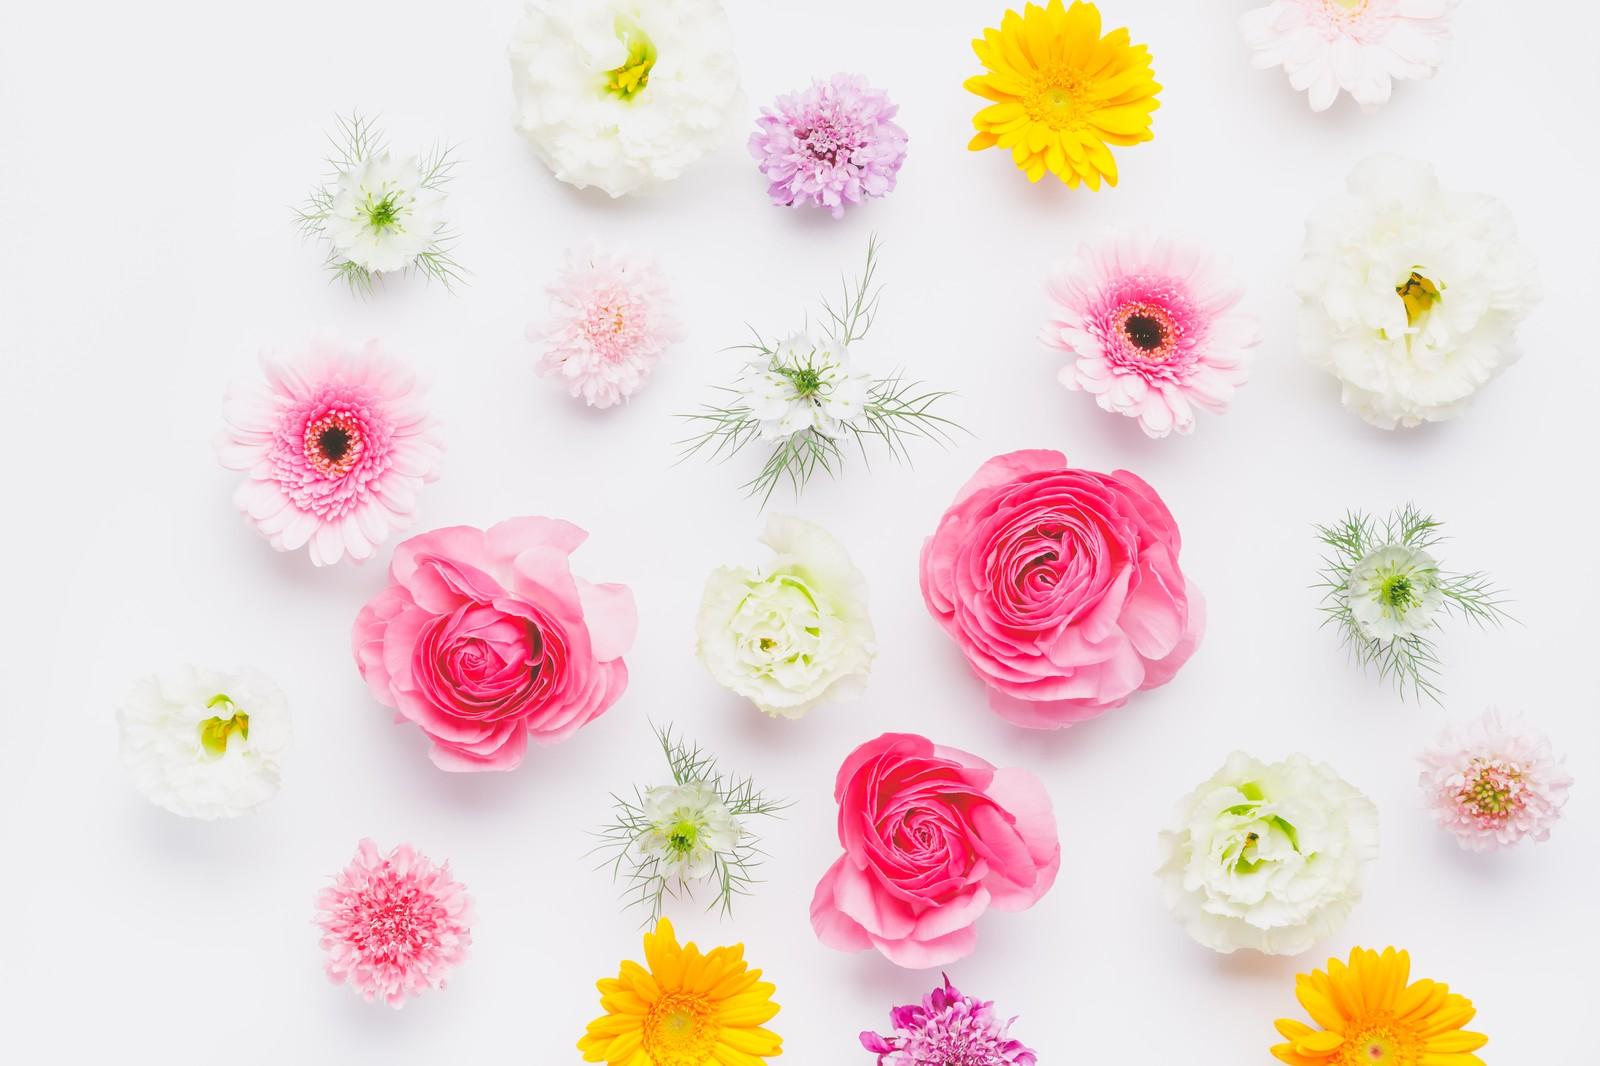 美輪明宏の待ち受け画像 効果は ピンクは恋愛運アップ 金運や仕事運